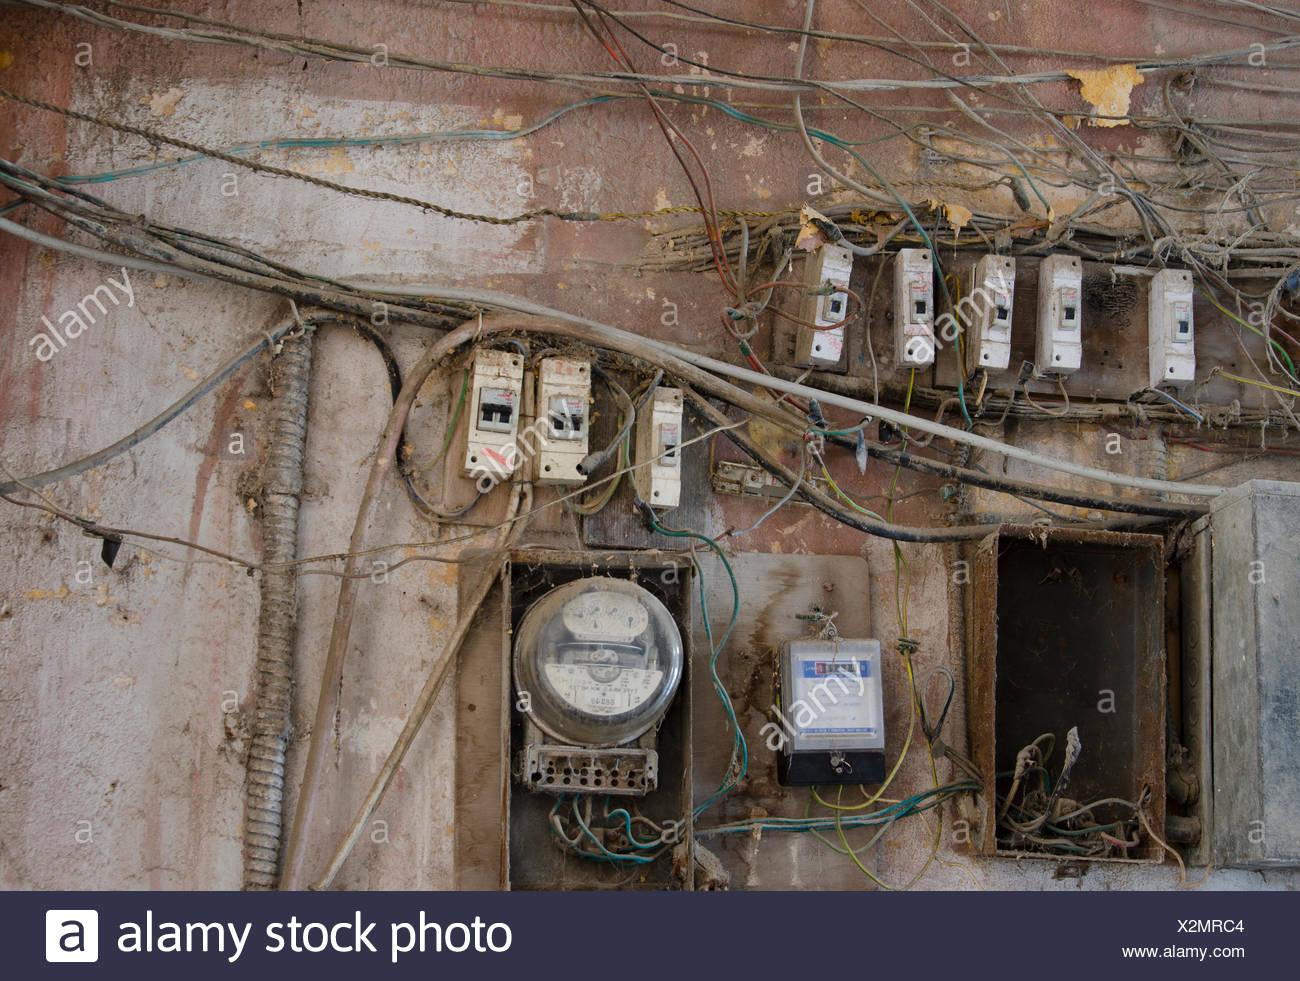 Wiring Electrical Stockfotos & Wiring Electrical Bilder - Alamy